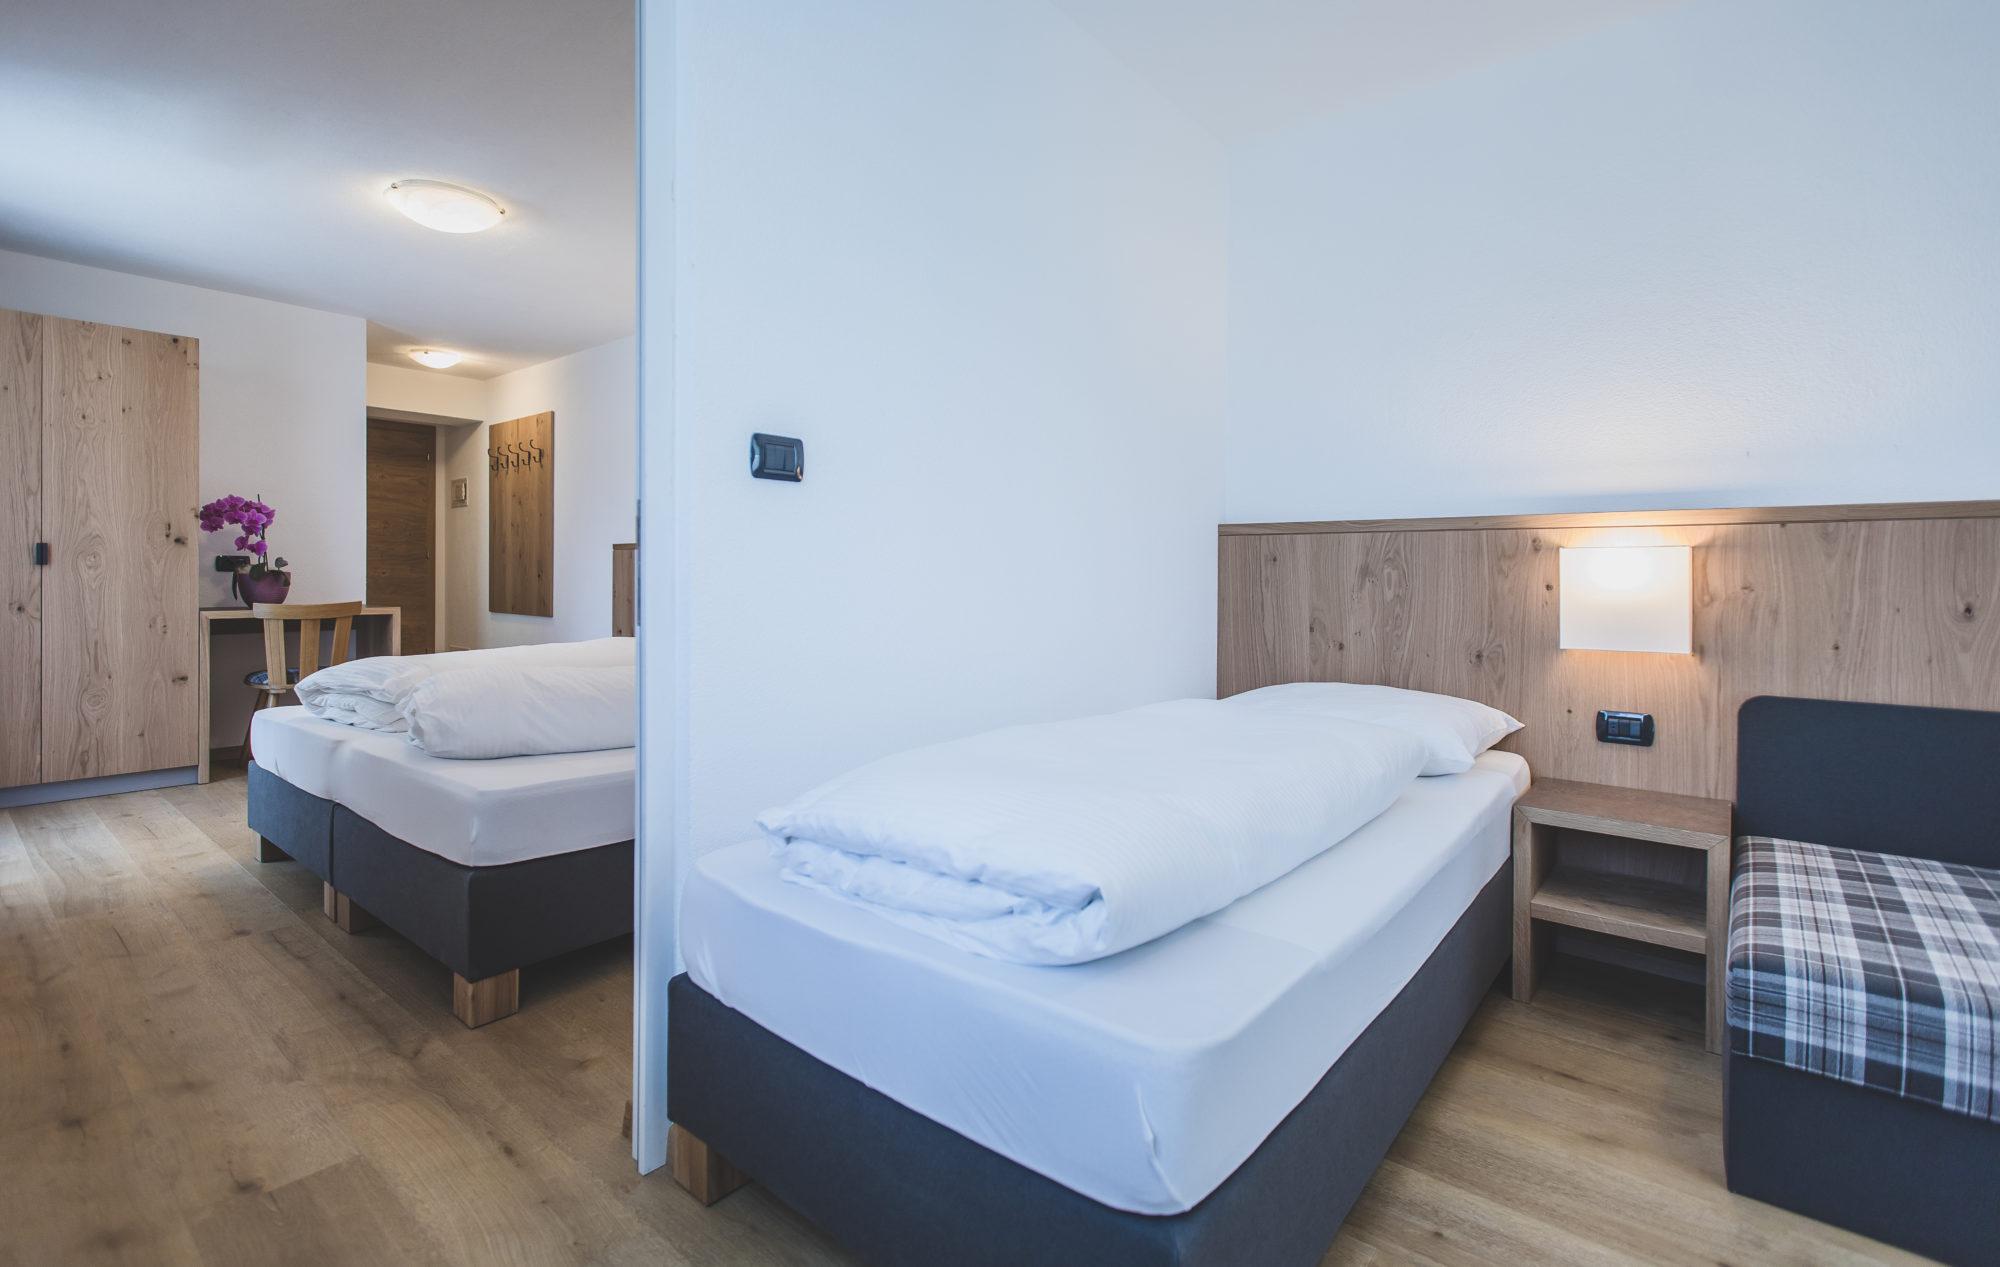 Bagno In Comune Hotel : Camera matrimoniale con bagno in comune picture of hotel di